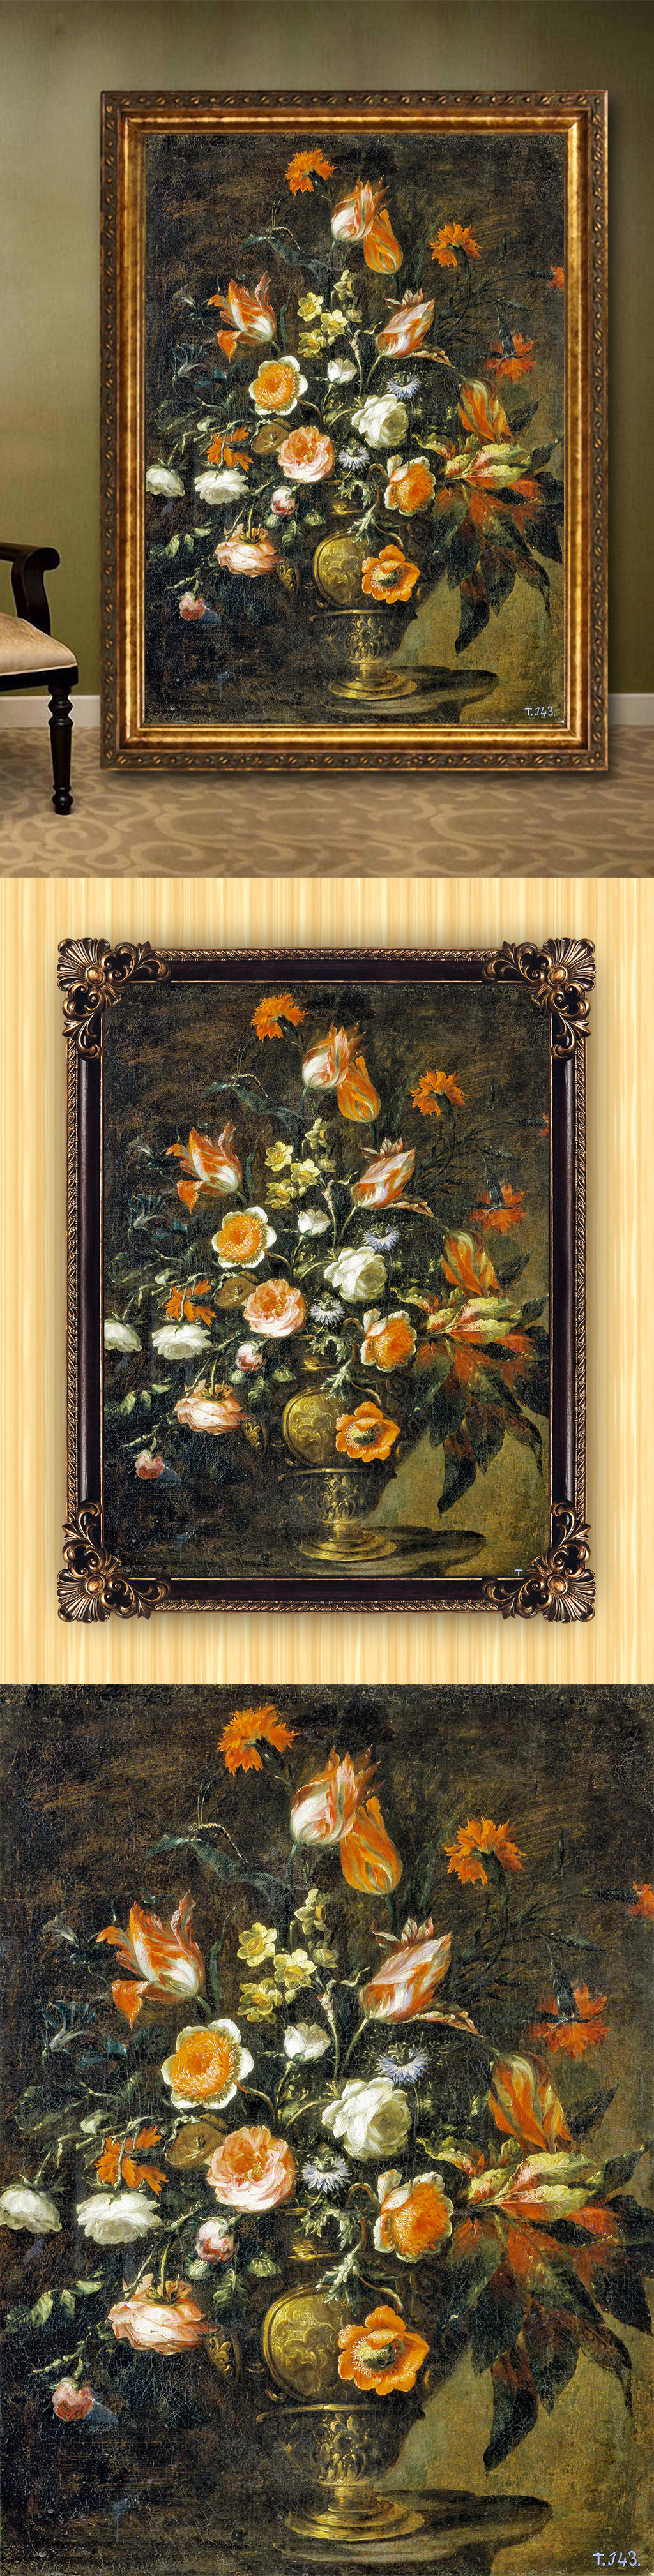 手绘高清古典风格静物花卉油画